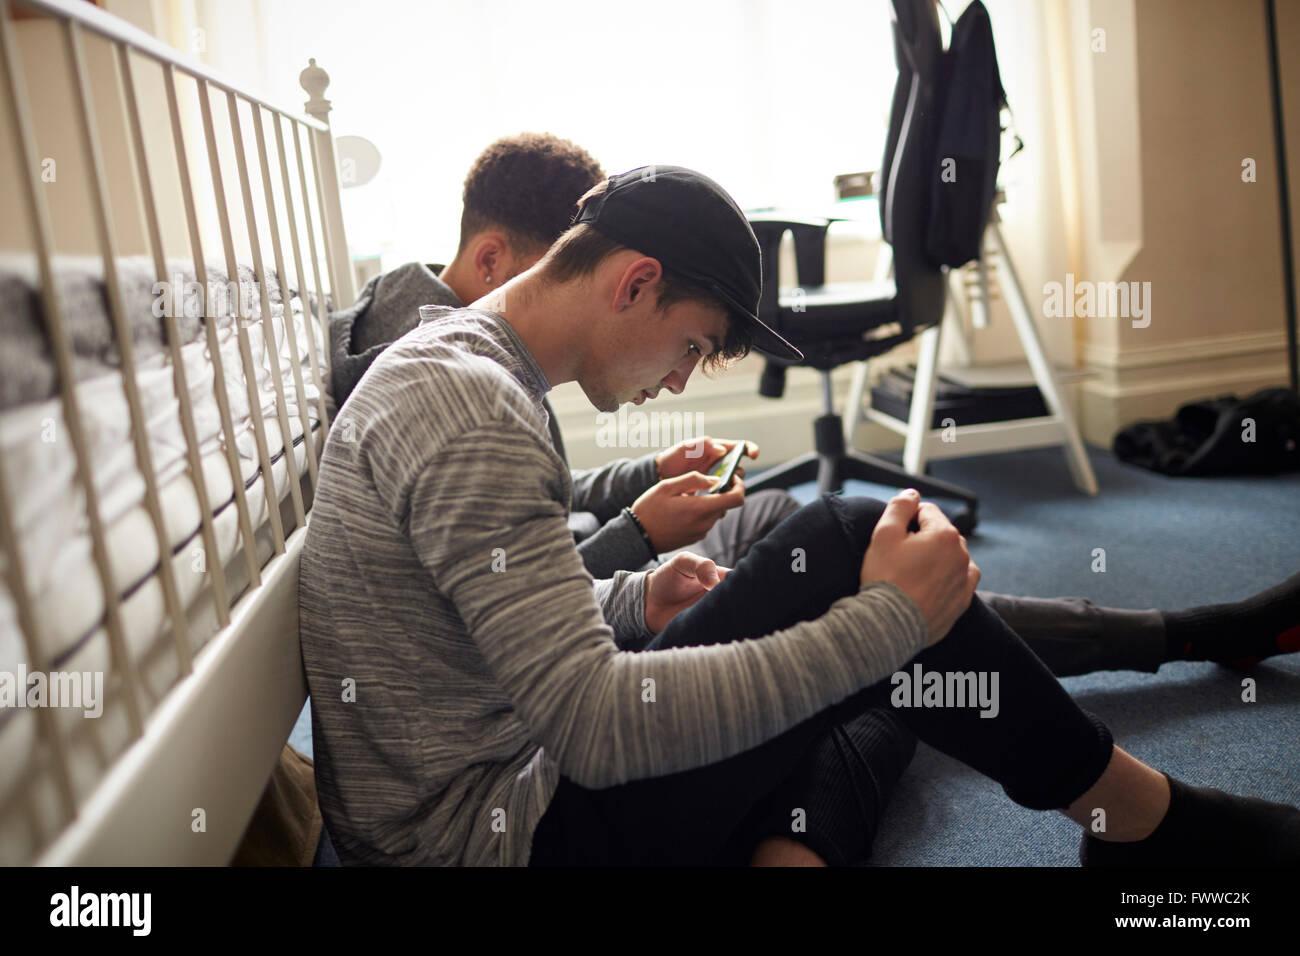 Zwei männliche Studenten im Schlafzimmer überprüfen Sie Nachrichten auf dem Handy Stockbild